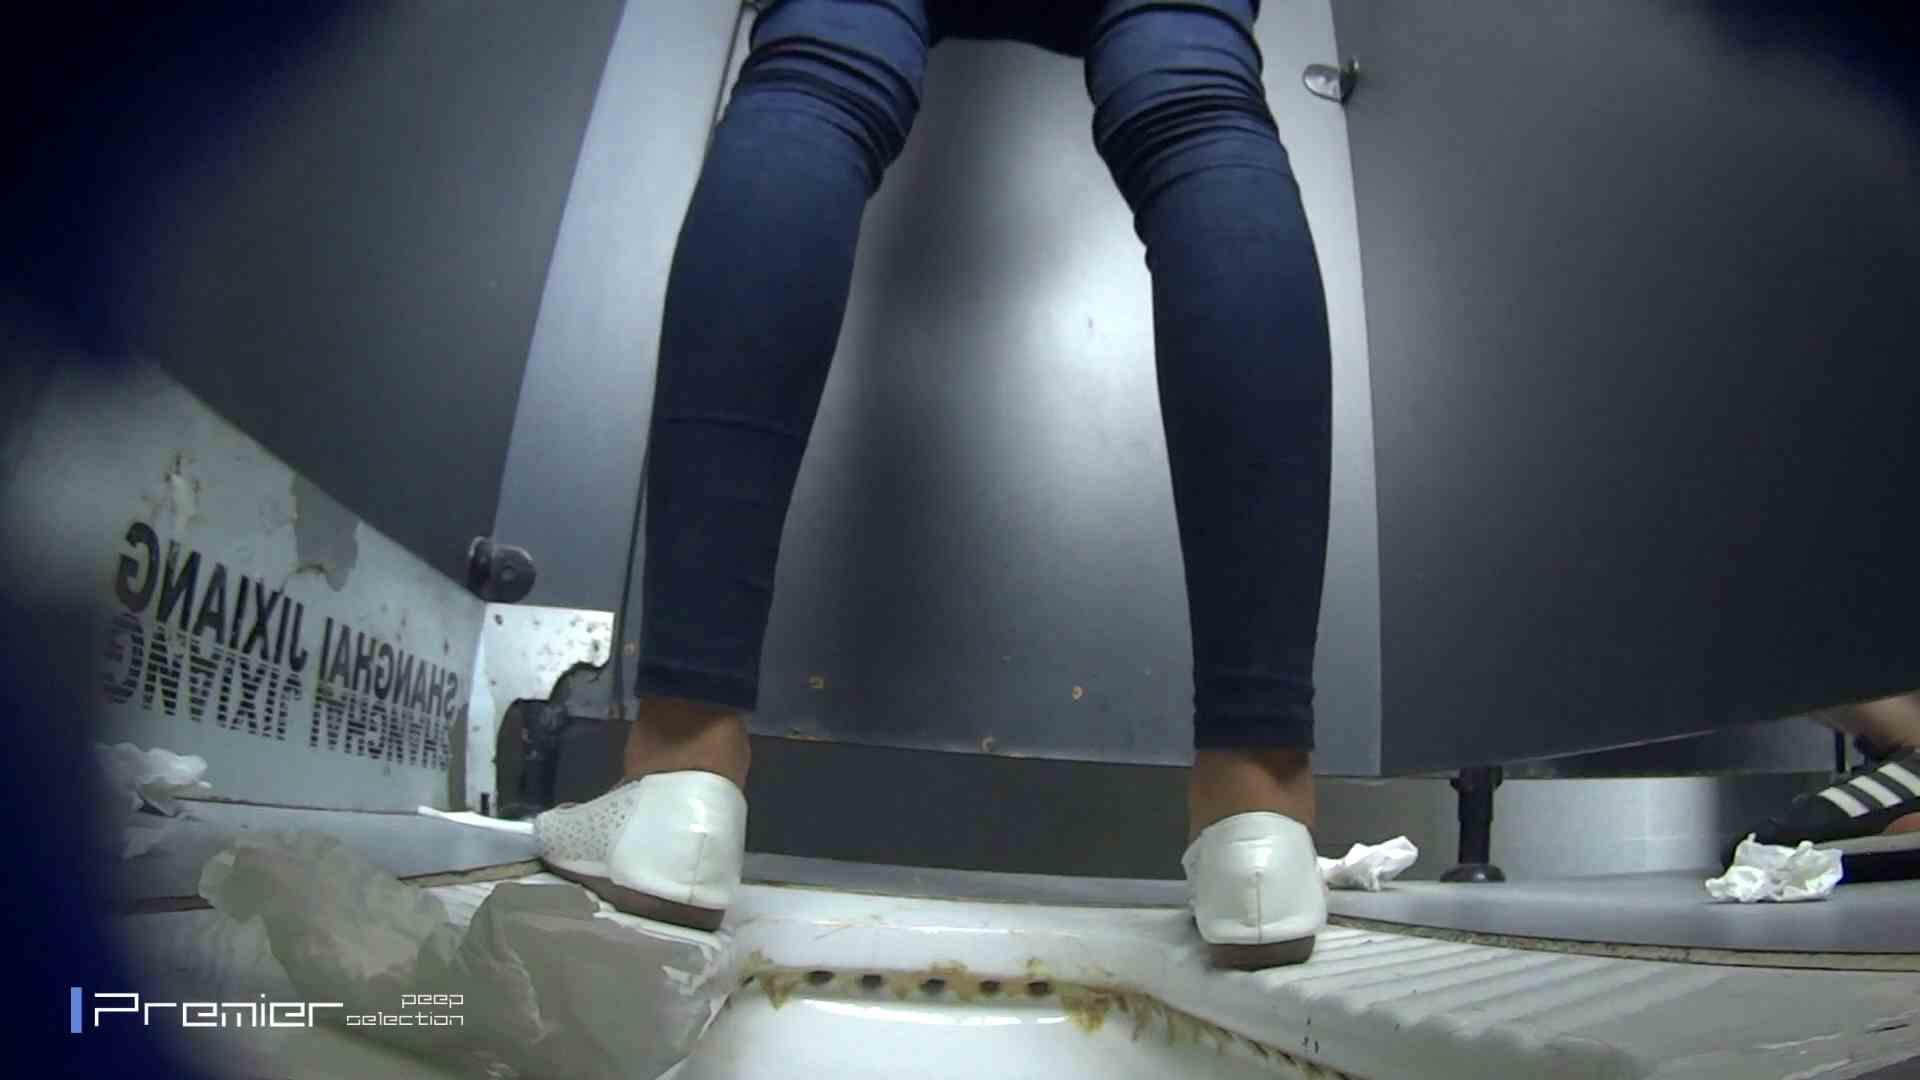 スキニージーンズの美女 大学休憩時間の洗面所事情56 盗撮編 オマンコ動画キャプチャ 106枚 38